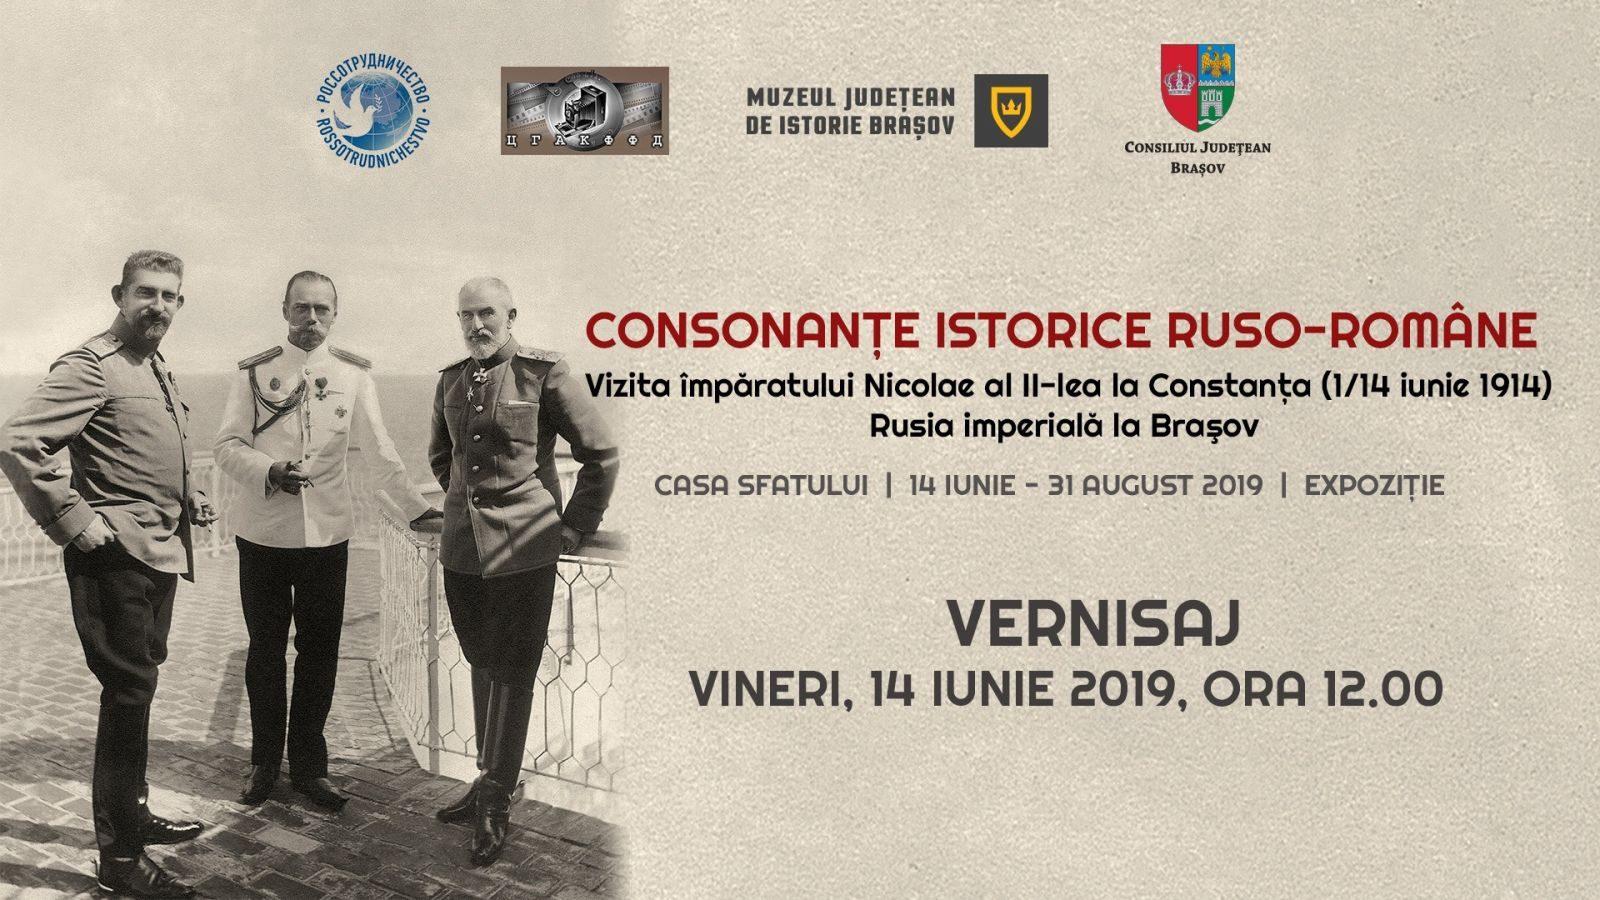 BRAȘOV - Casa Sfatului Expoziţia CONSONANȚE ISTORICE RUSO-ROMÂNE: VIZITA ÎMPĂRATULUI NICOLAE AL II-LEA LA CONSTANȚA (1/14 IUNIE 1914) ȘI RUSIA ȚARISTĂ LA BRAȘOV